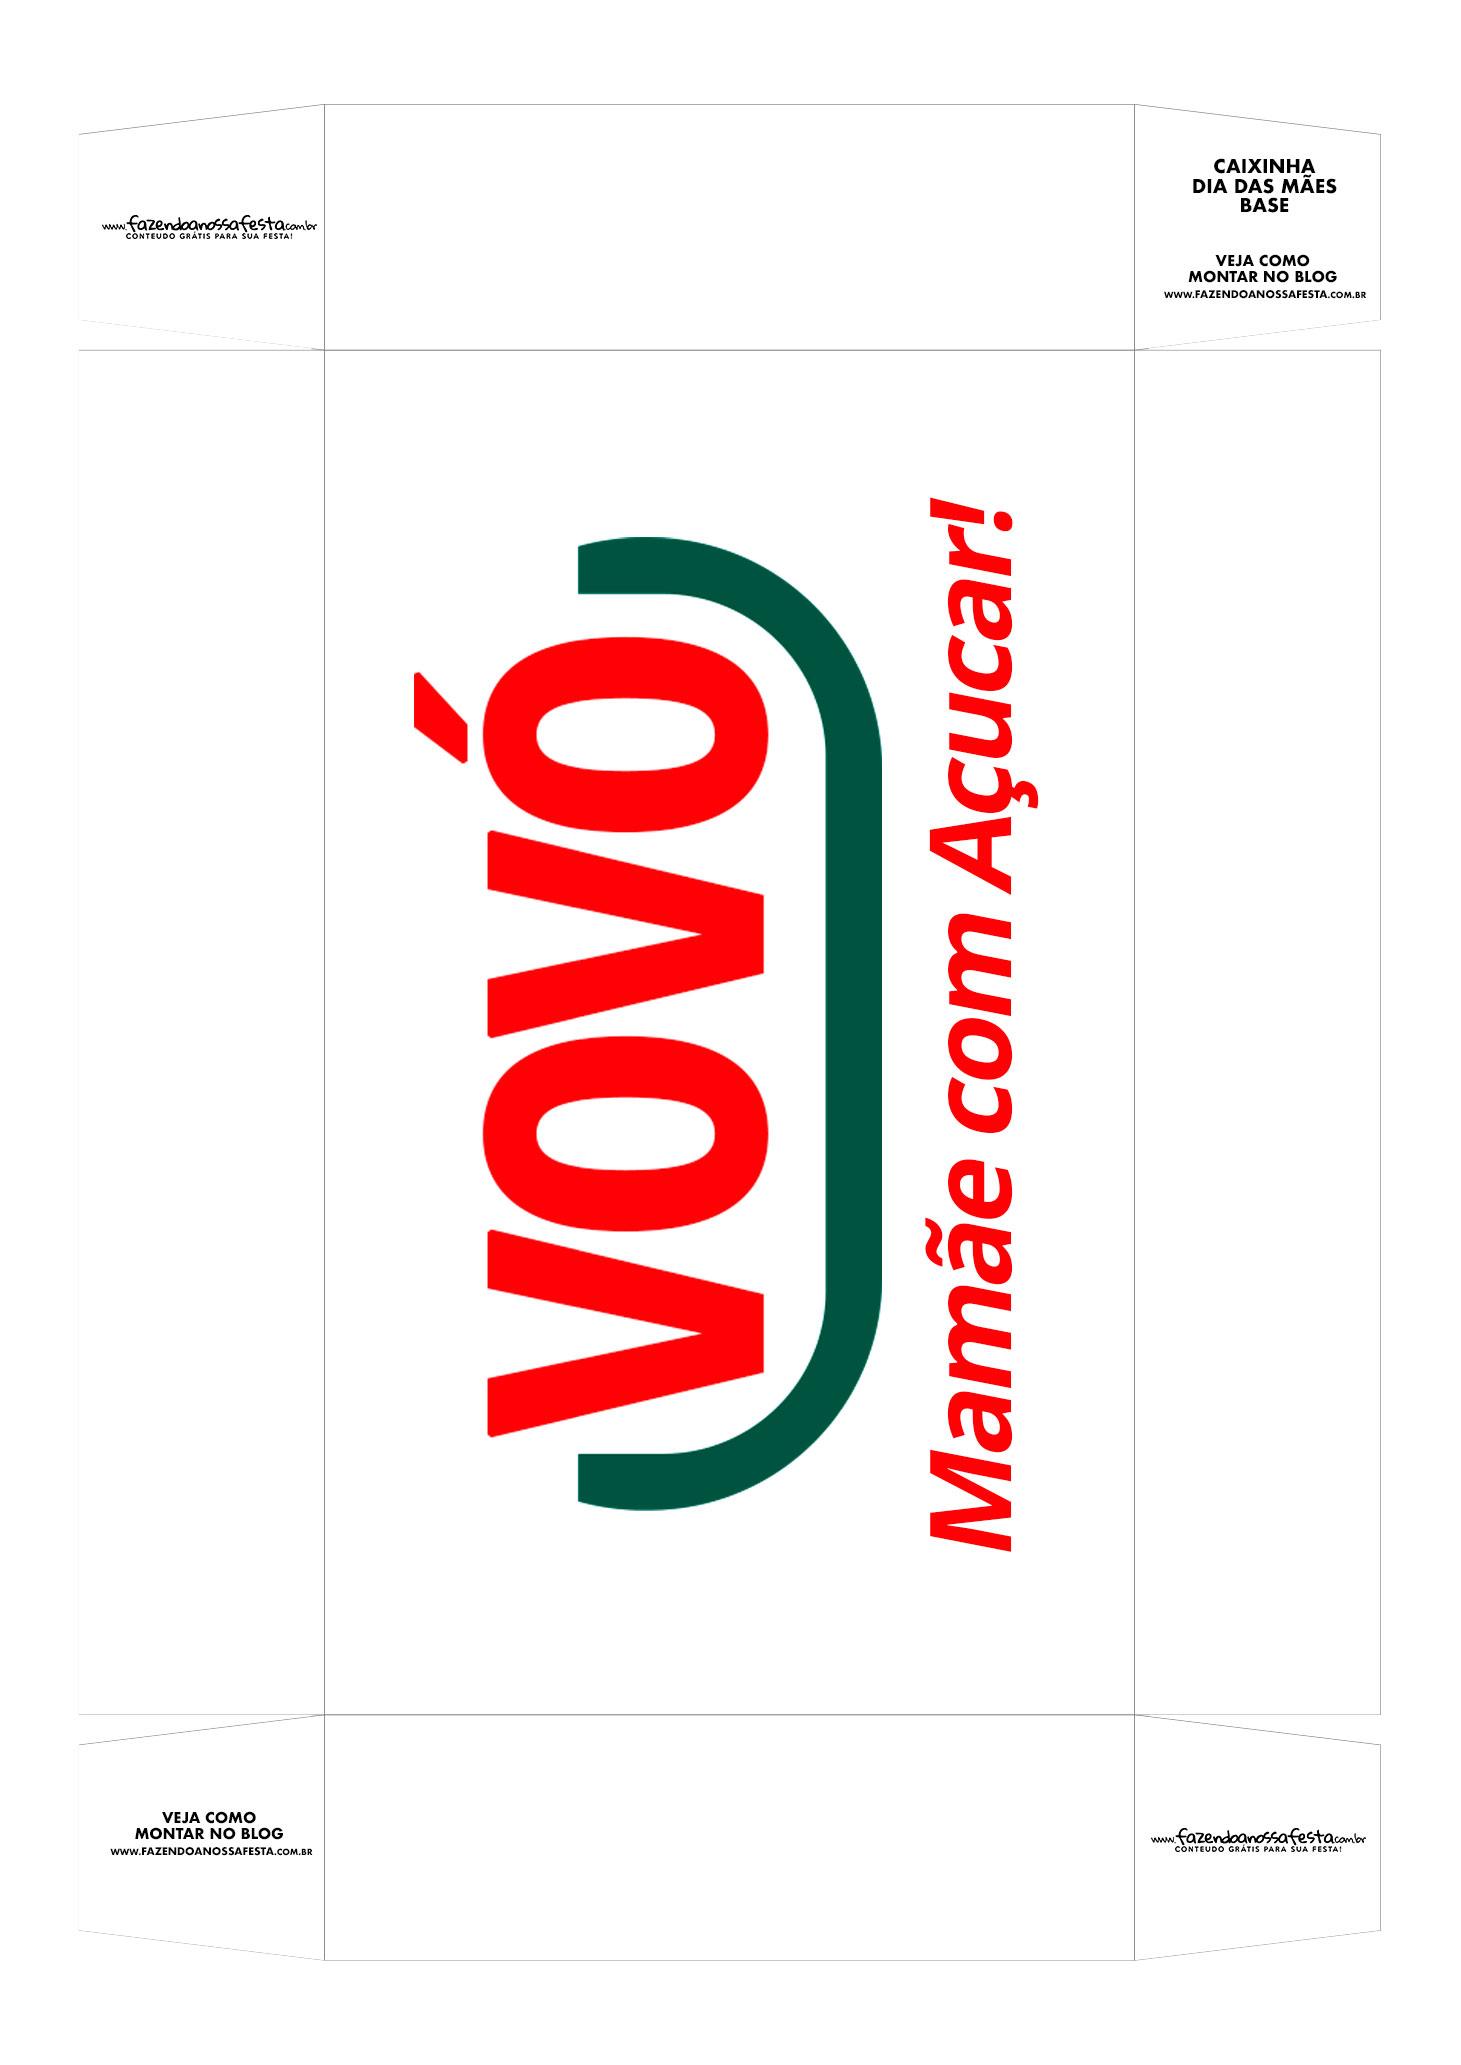 Caixa personalizada Vovo Mamae com Acucar base